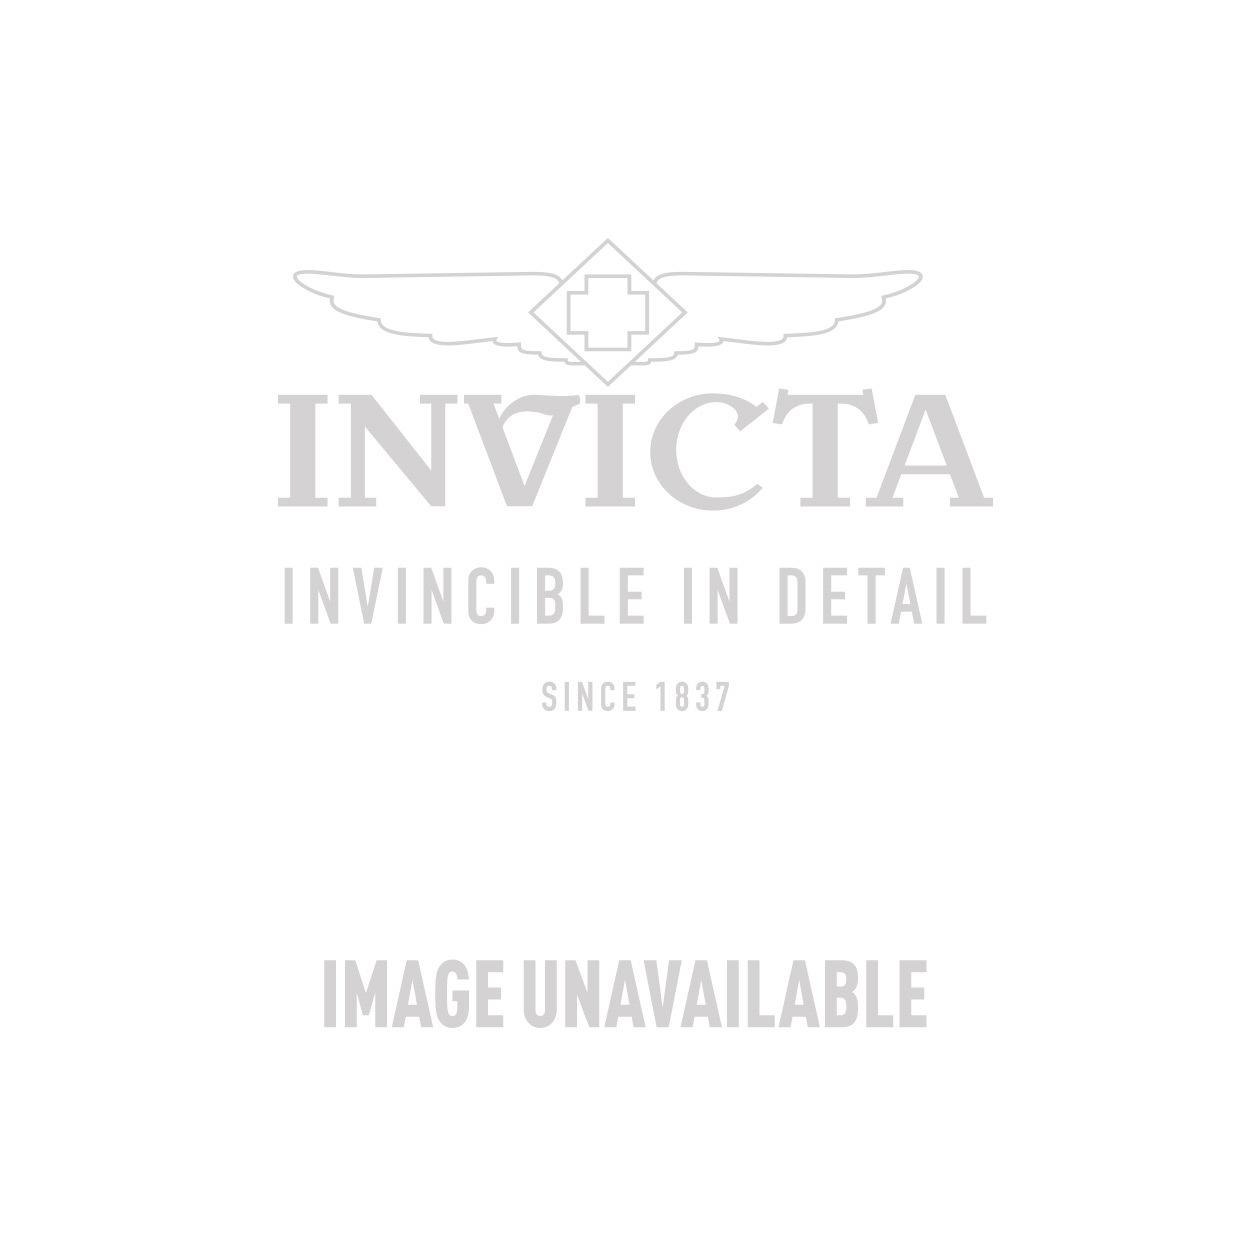 Invicta Model 25540